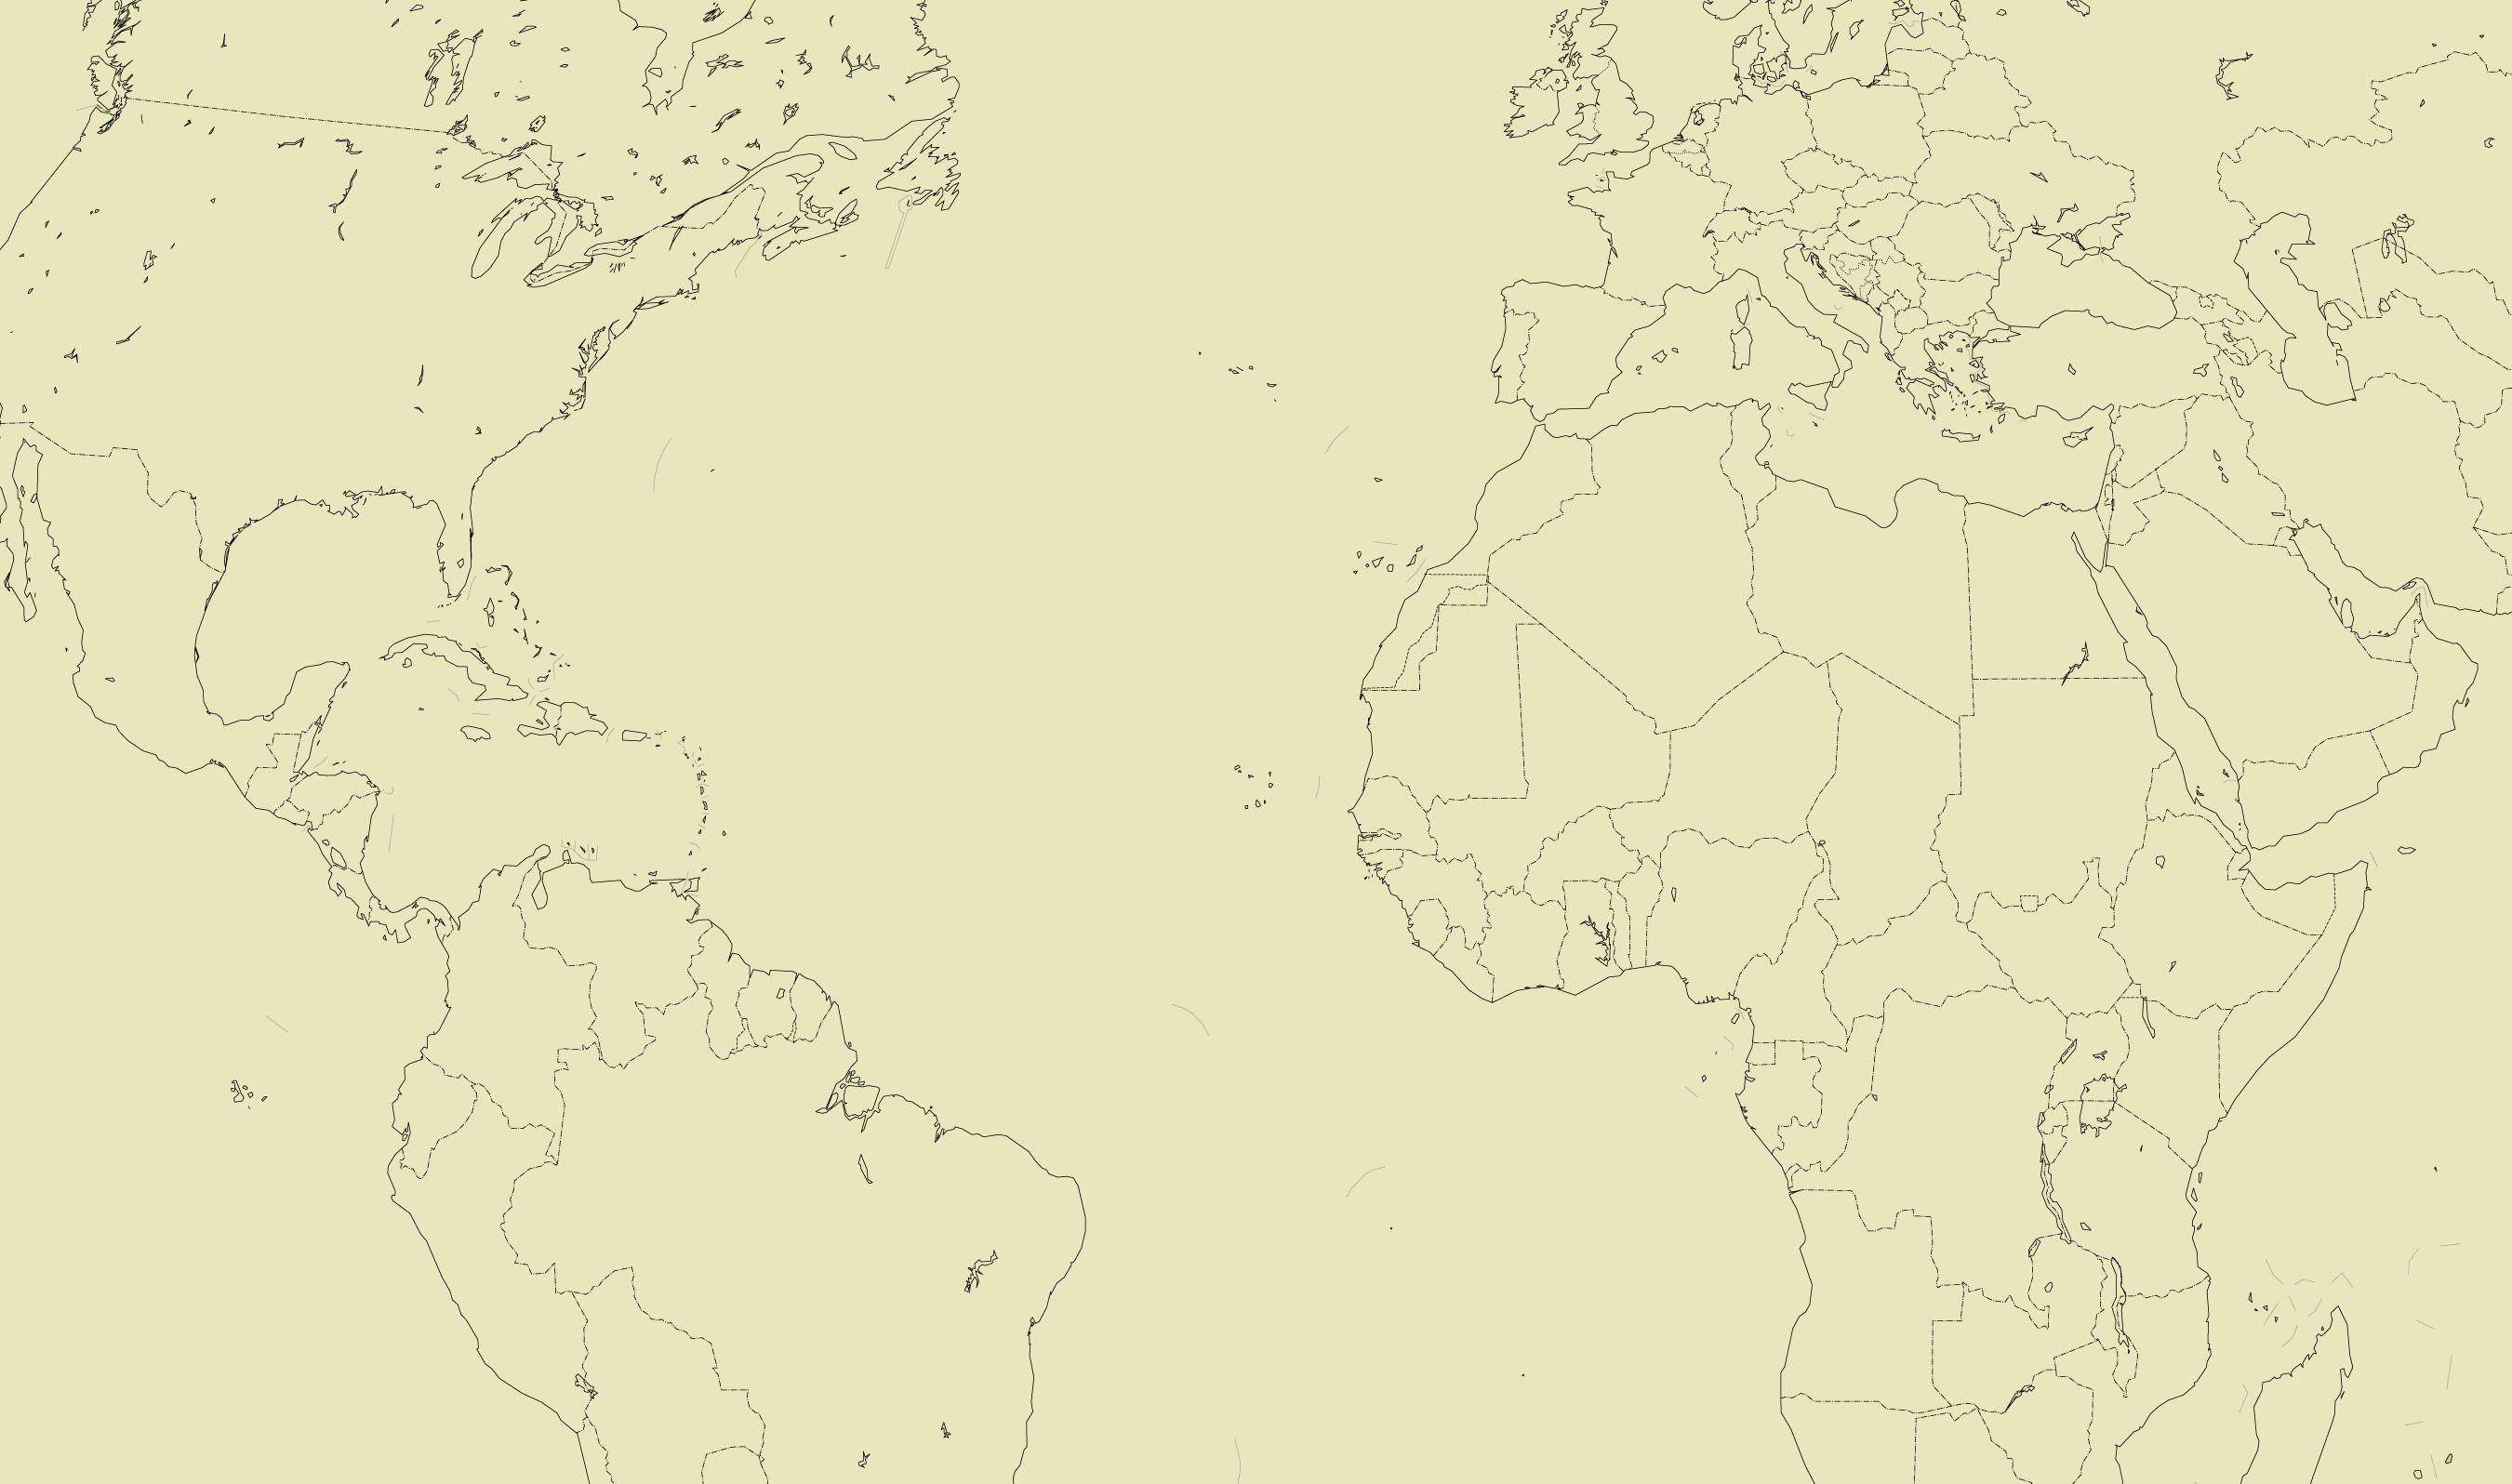 Illustrasjon: Politisk kart over verden